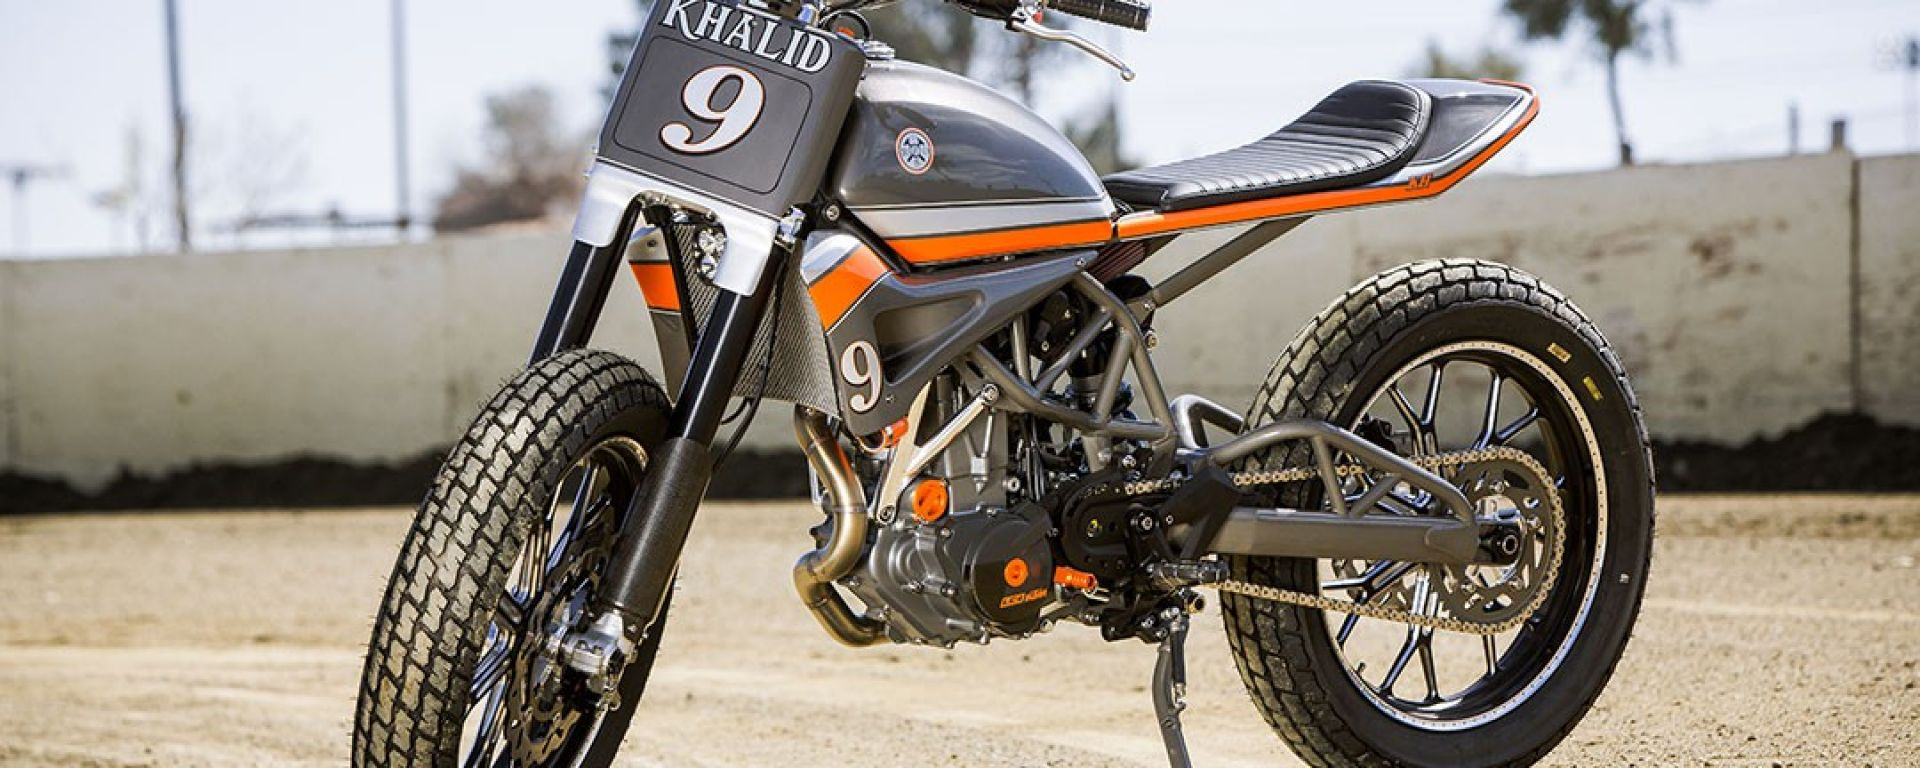 KTM 690 Tracker